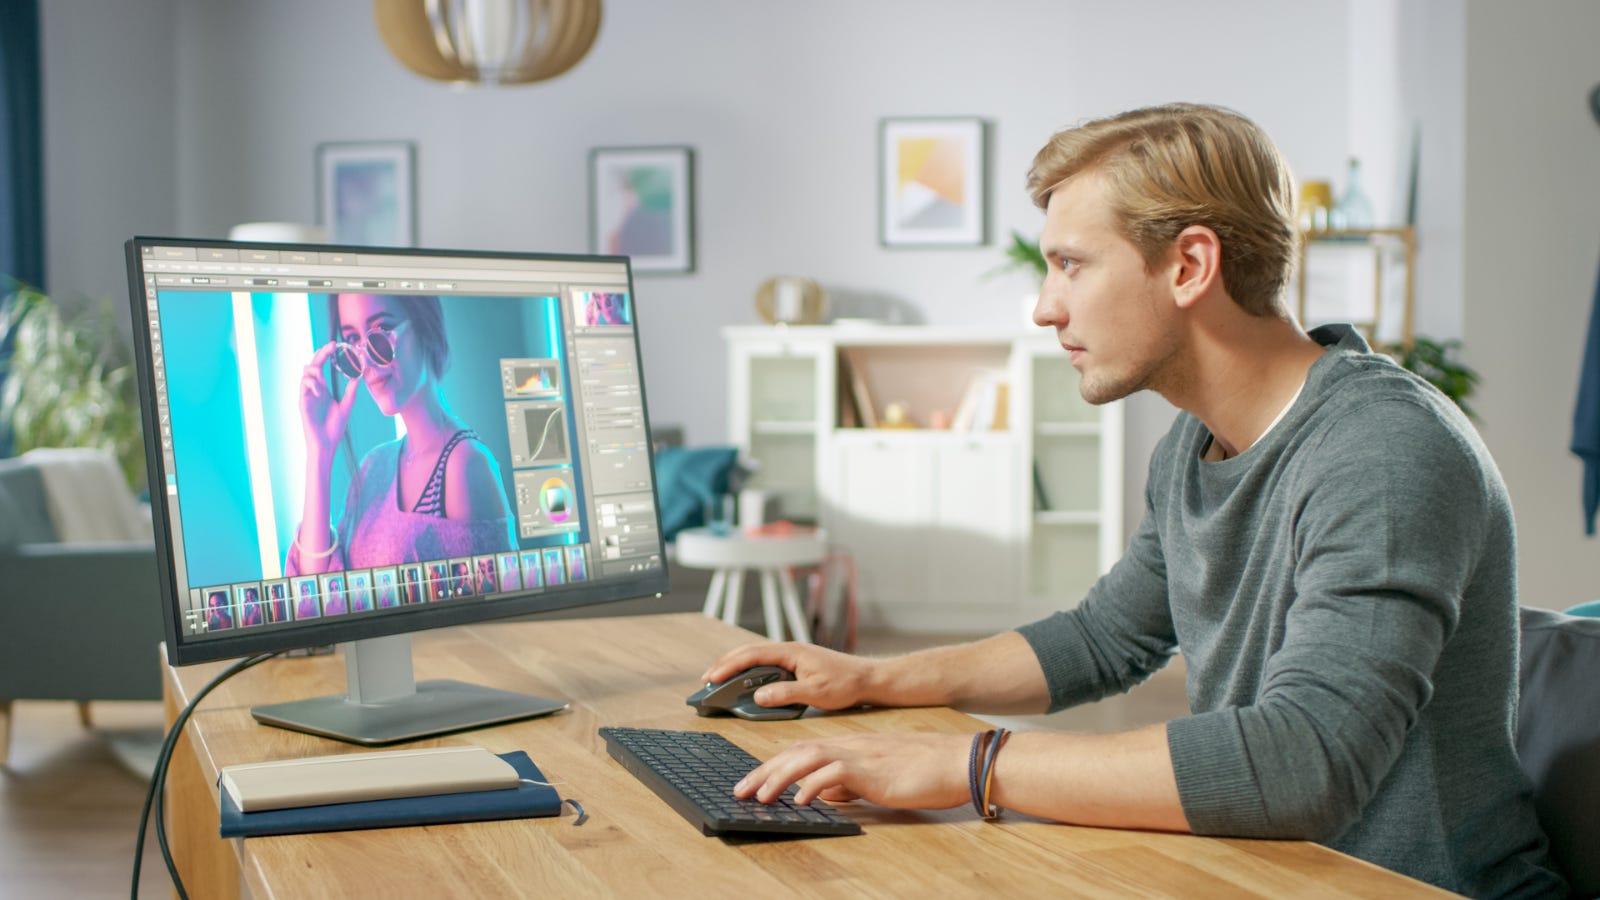 Fotoritocco della persona su un monitor